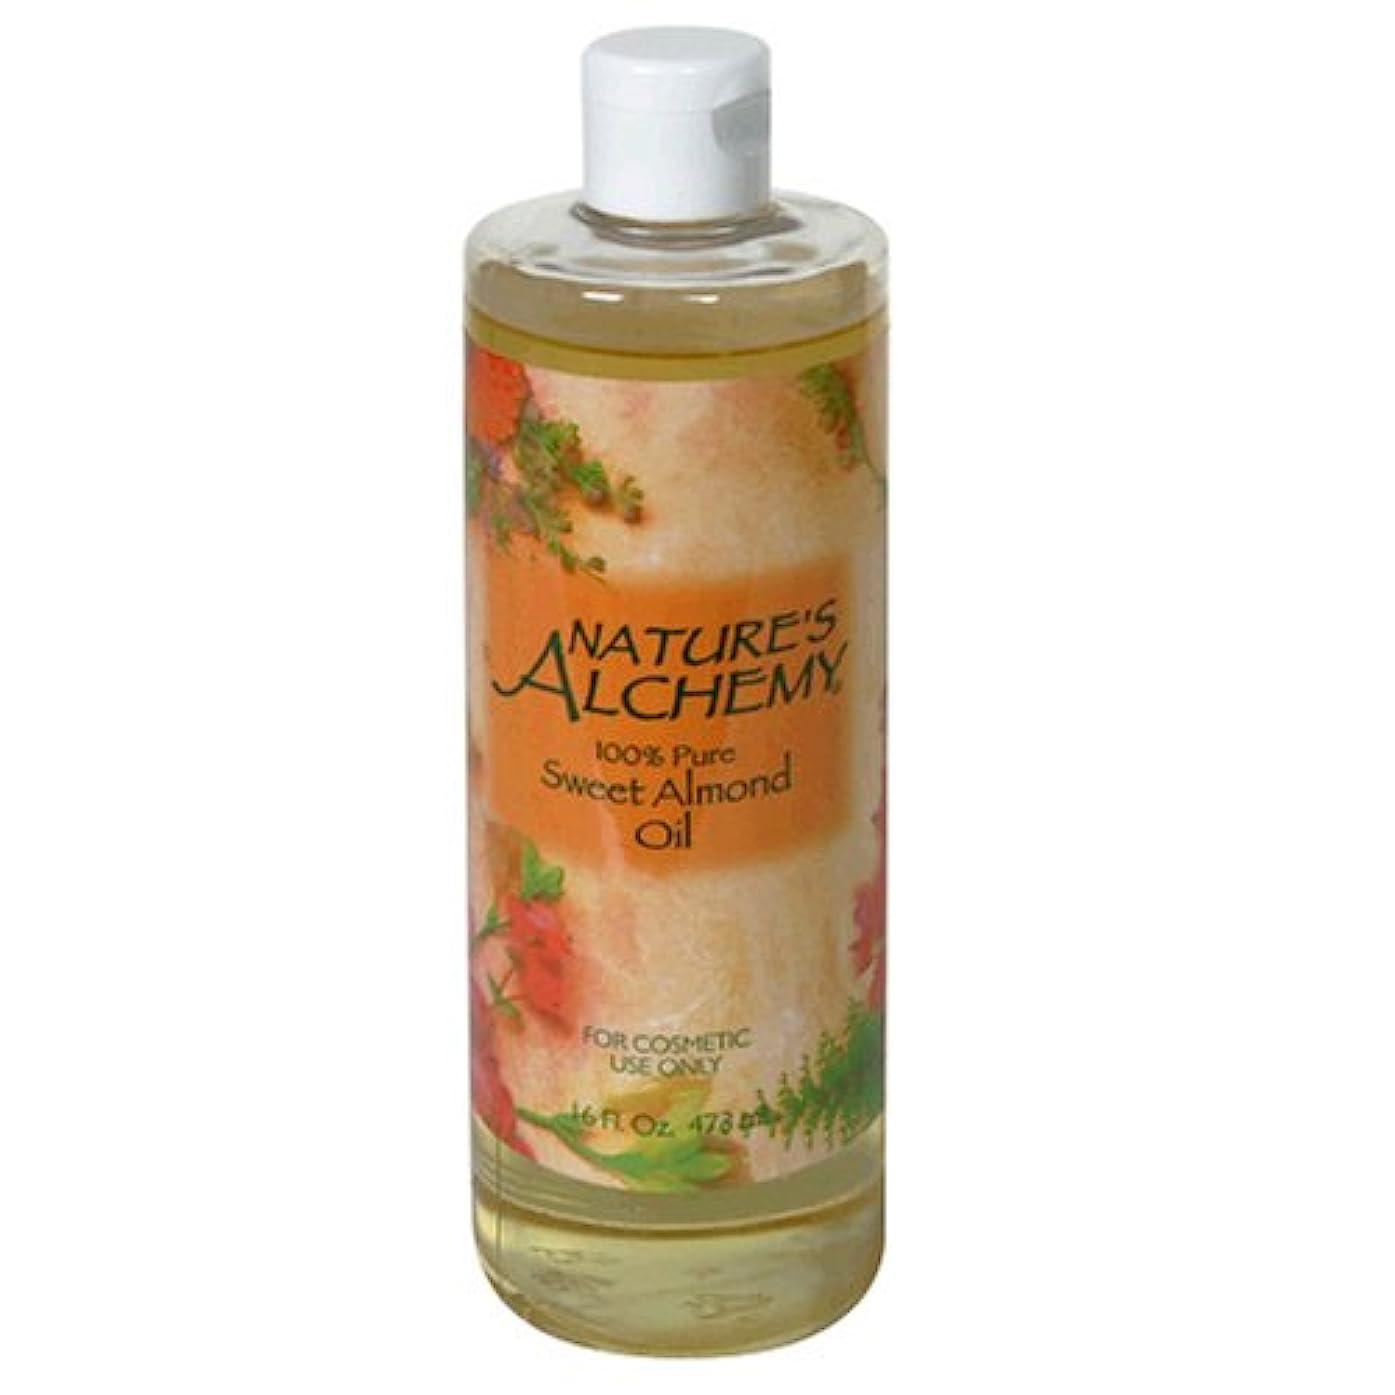 受け入れる他の場所もっともらしいNature's Alchemy Carrier Oil Sweet Almond 16oz